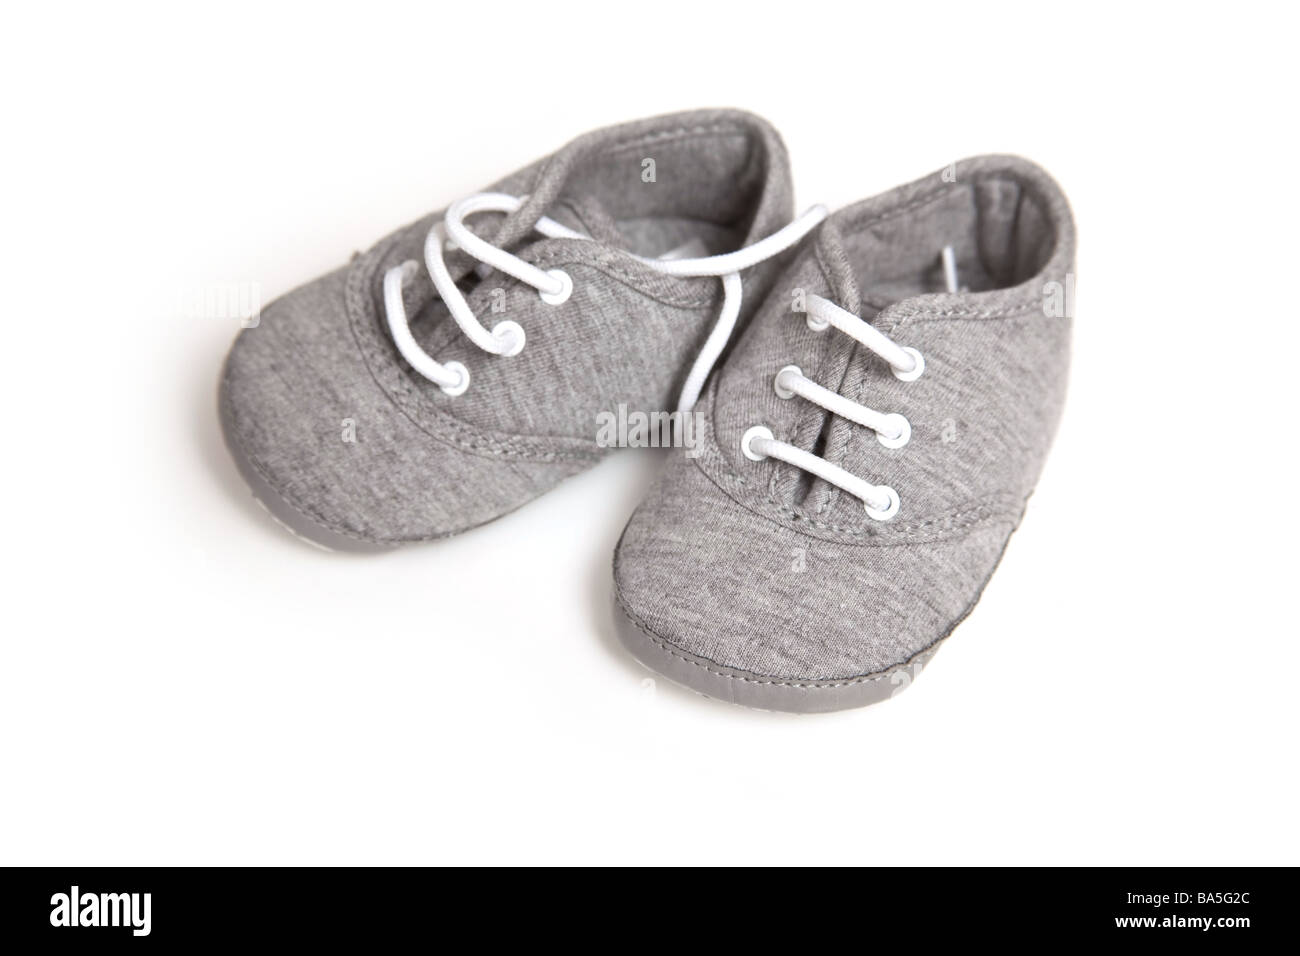 Neonati calzature isolate su un bianco di sfondo per studio Immagini Stock c93ecb62da2